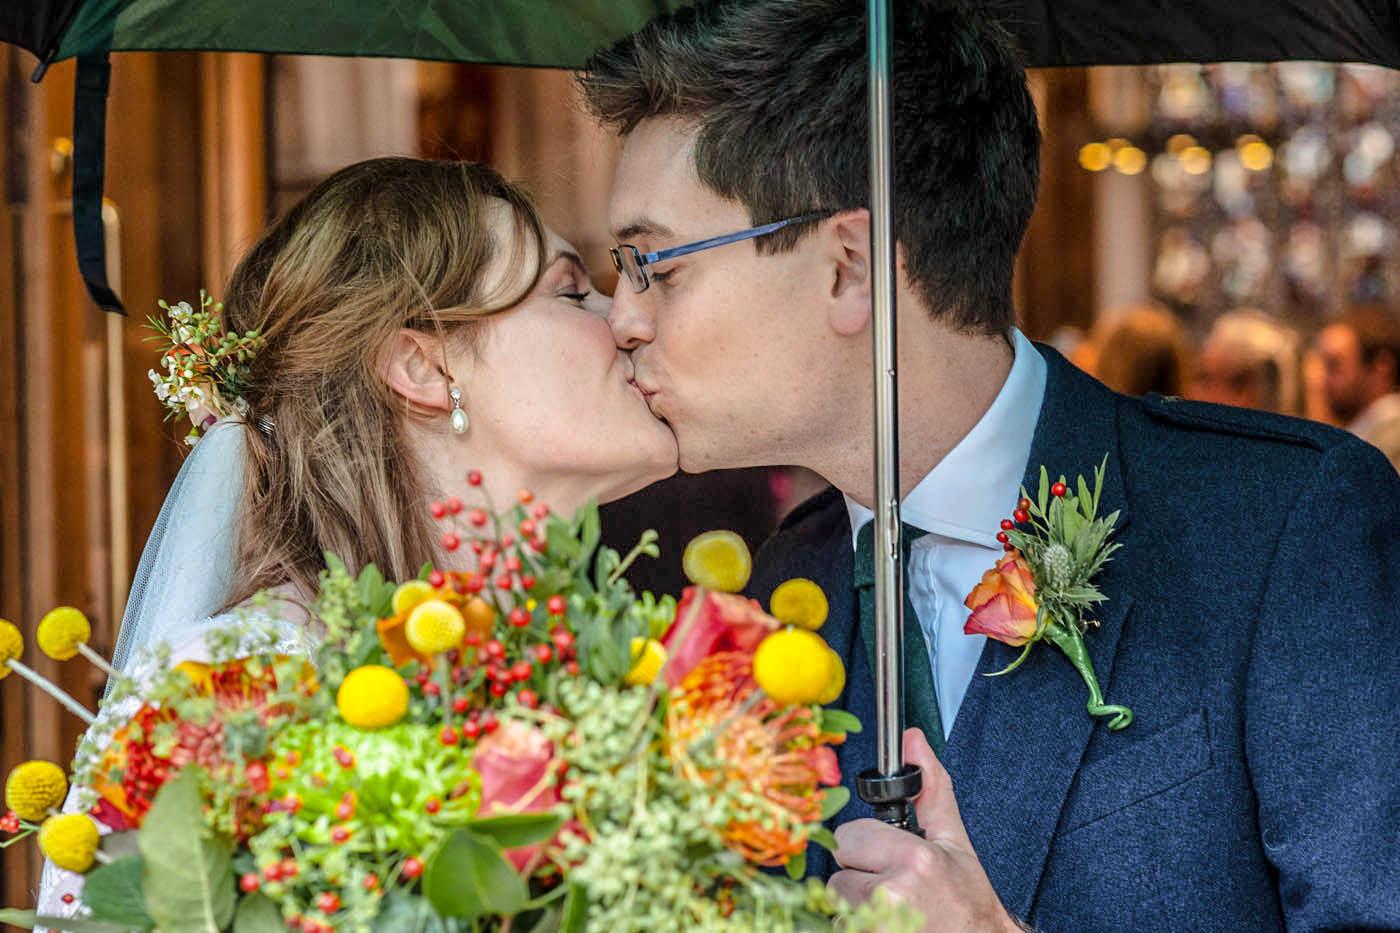 BRIDE-GROOM-KISS-UNDER-BROLLEY.jpg